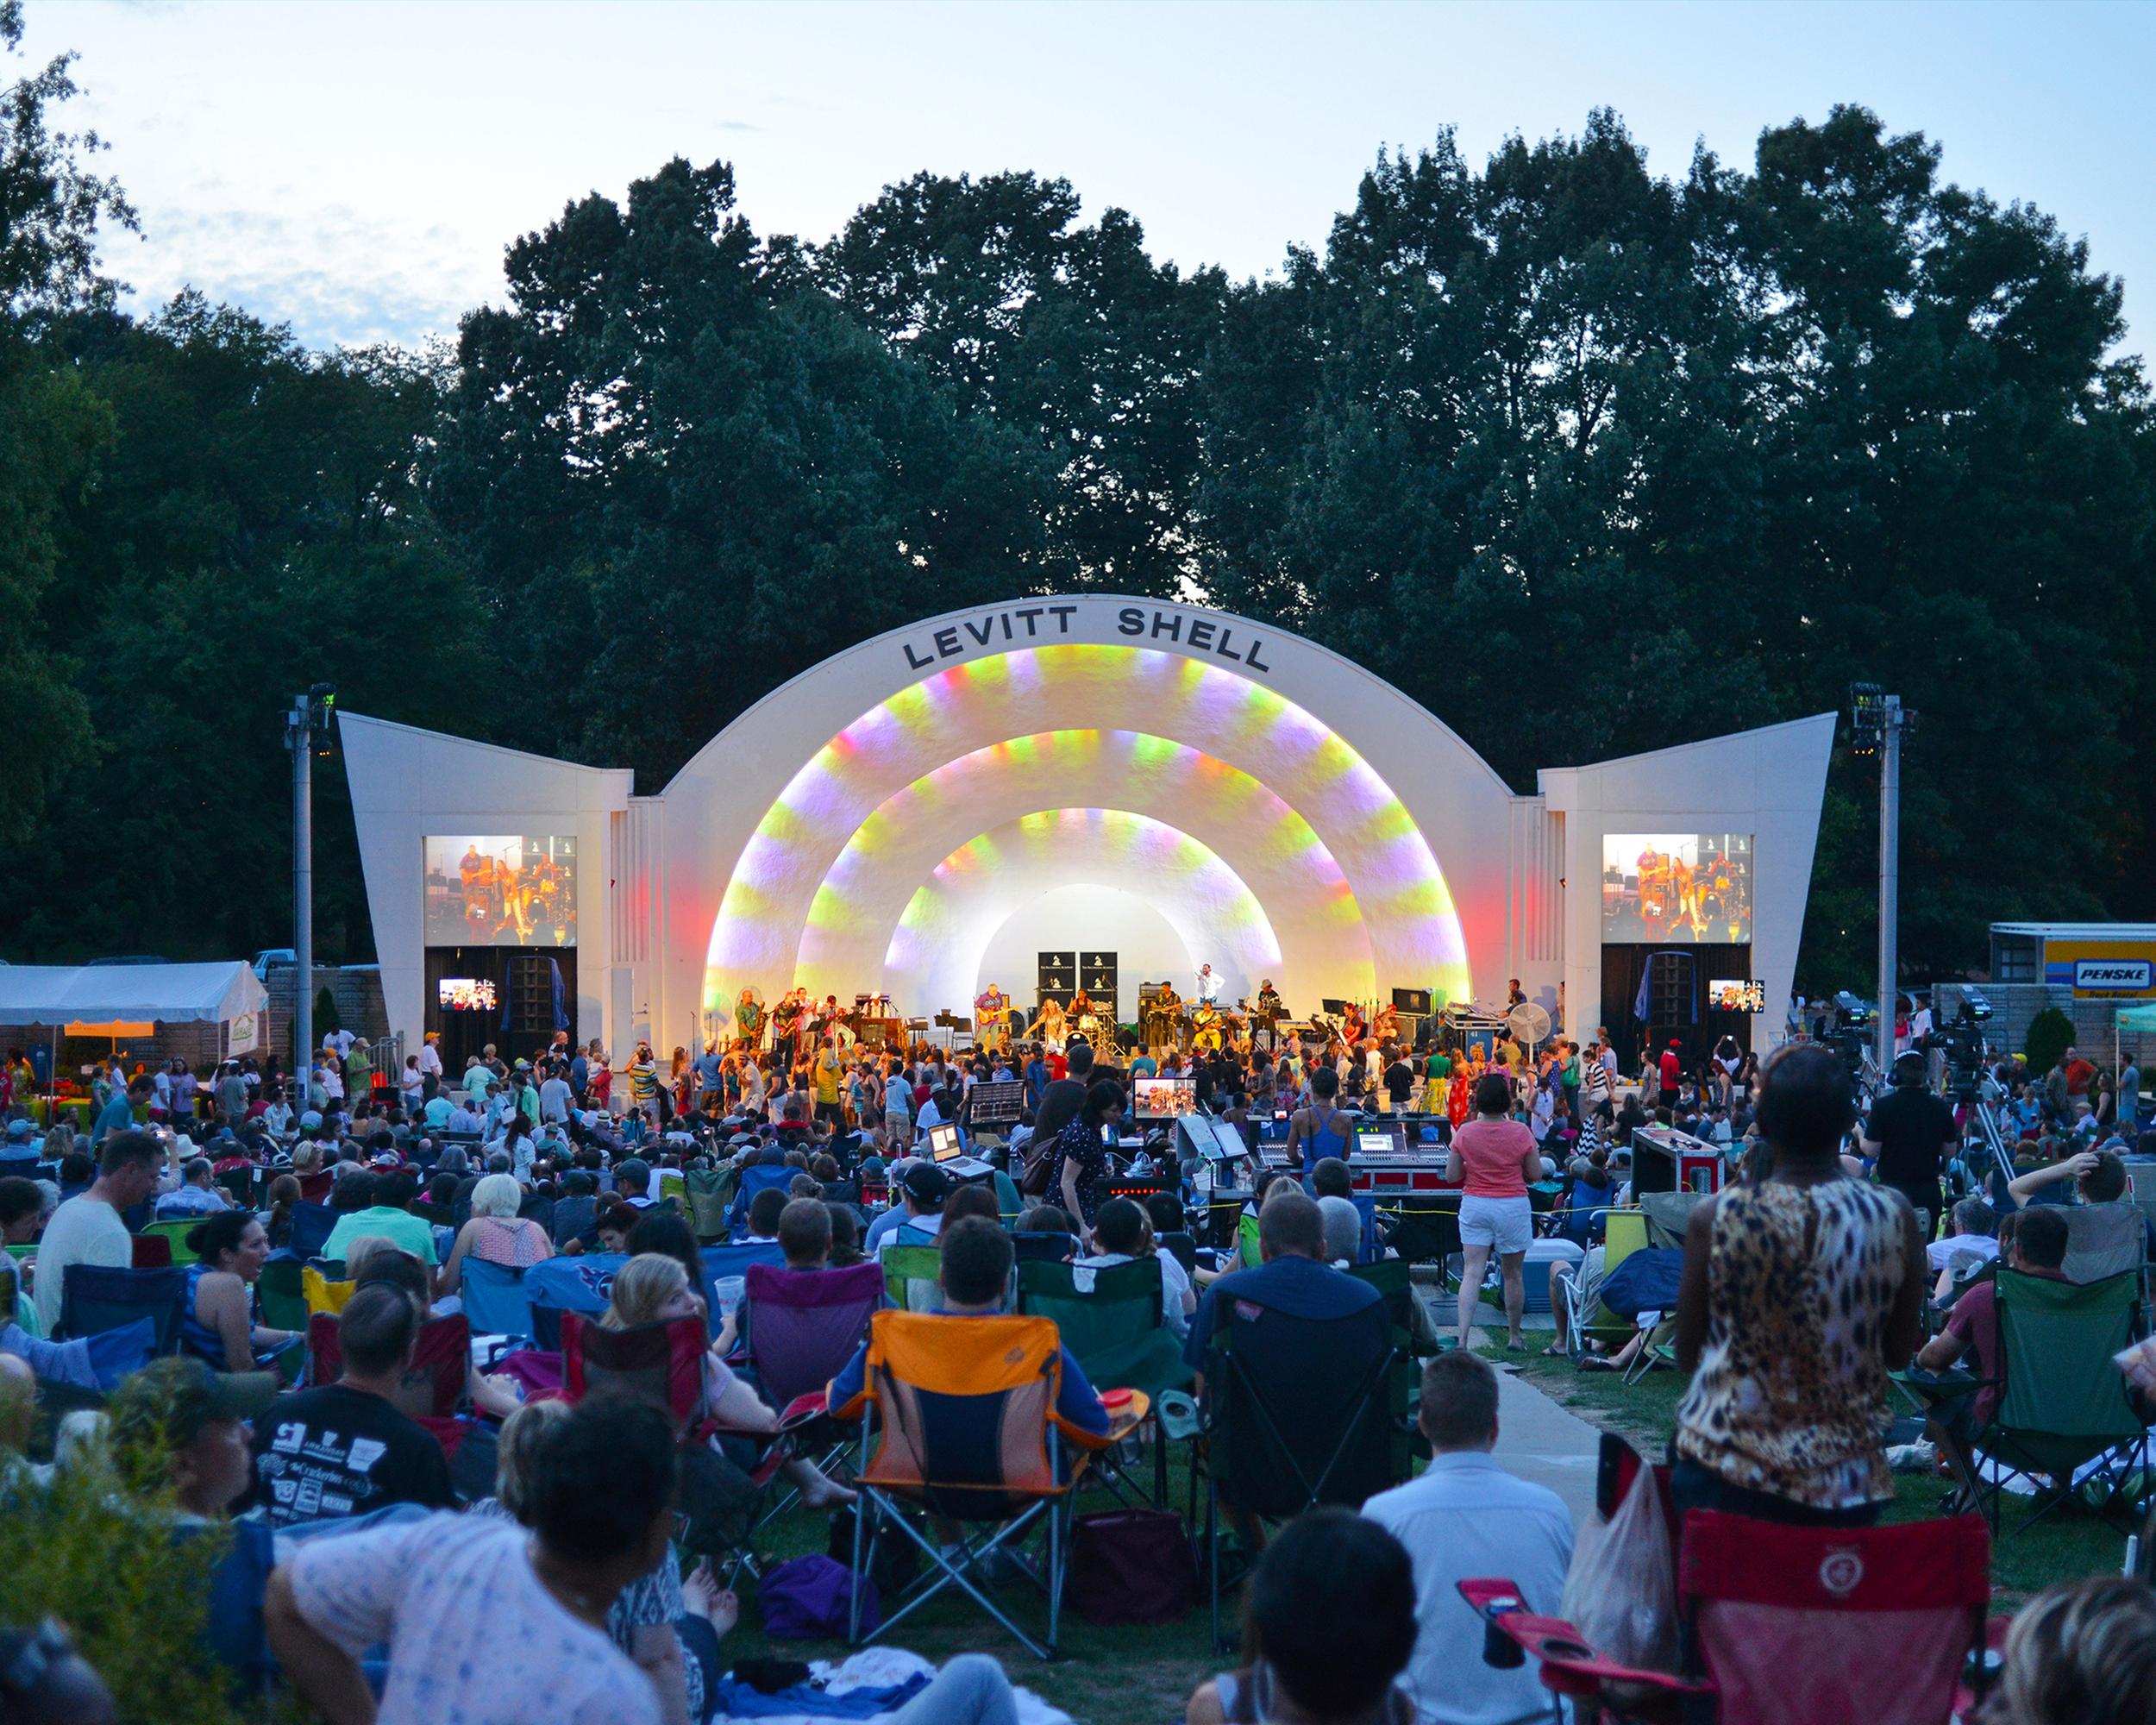 Levitt Shell, Memphis, Tennessee - Est. 2008  levittshell.org